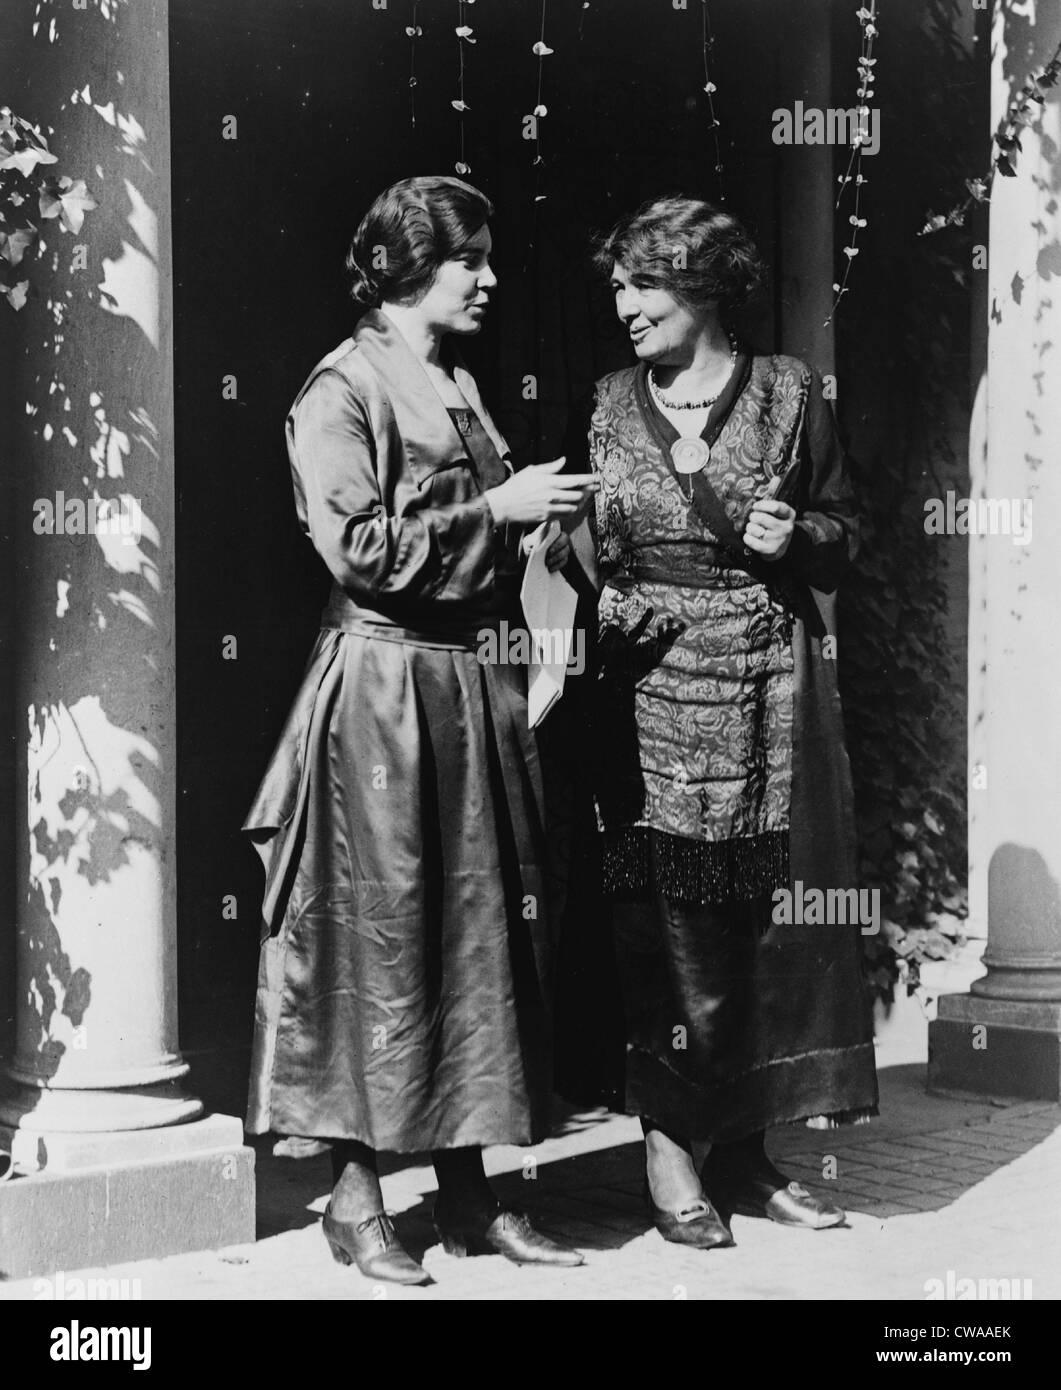 Alice Paul (1885-1977) und Emmeline Pethick-Lawrence (1867 – 1954) amerikanischen und britischen Aktivisten für das Frauenwahlrecht und Chancengleichheit Stockfoto